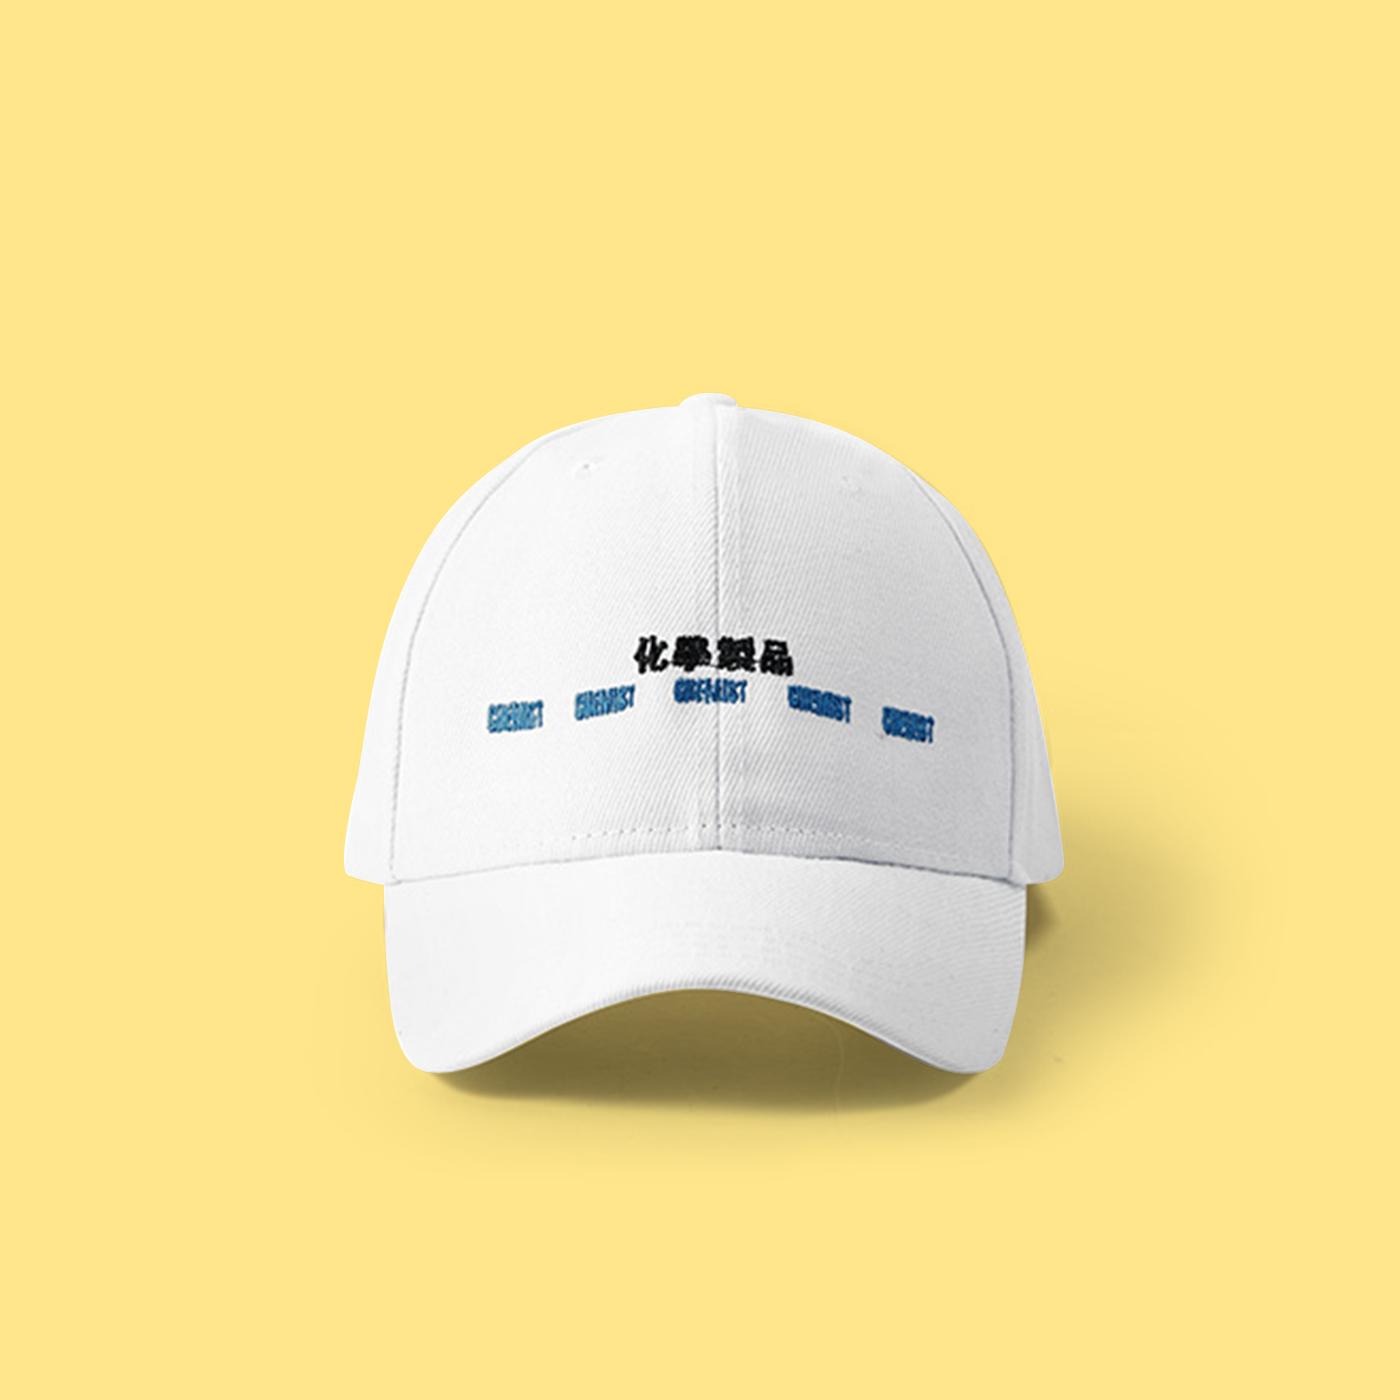 684cee035df JAPANESE CHEMICAL BASEBALL CAP IN WHITE on Storenvy